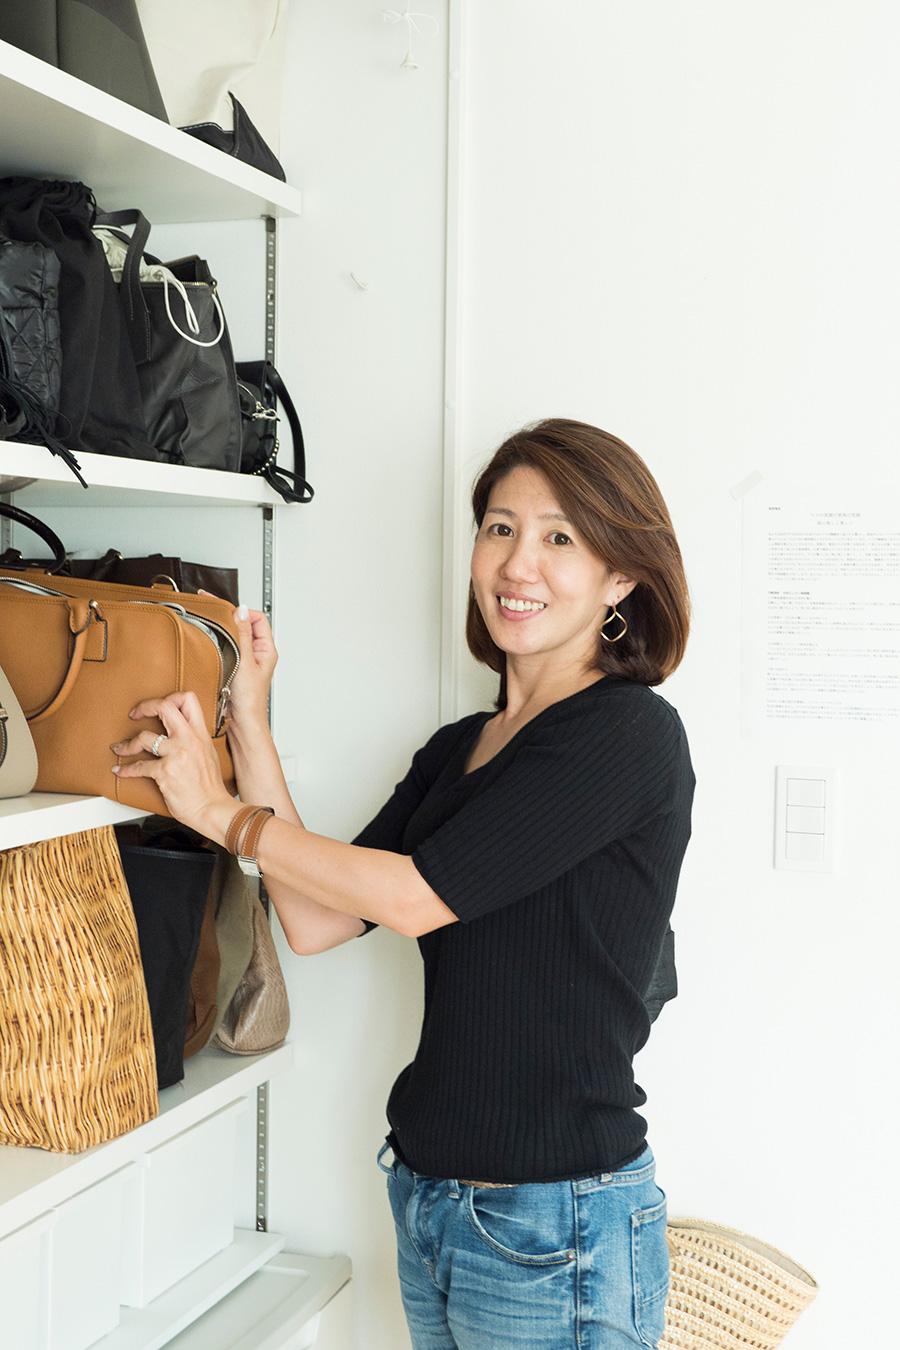 ライフオーガナイザー®森下敦子さん。片づけとともに心も整い始めた経験から、笑顔でいられる仕組みづくりをお手伝い。SMART STORAGE!所属。ブログも人気。